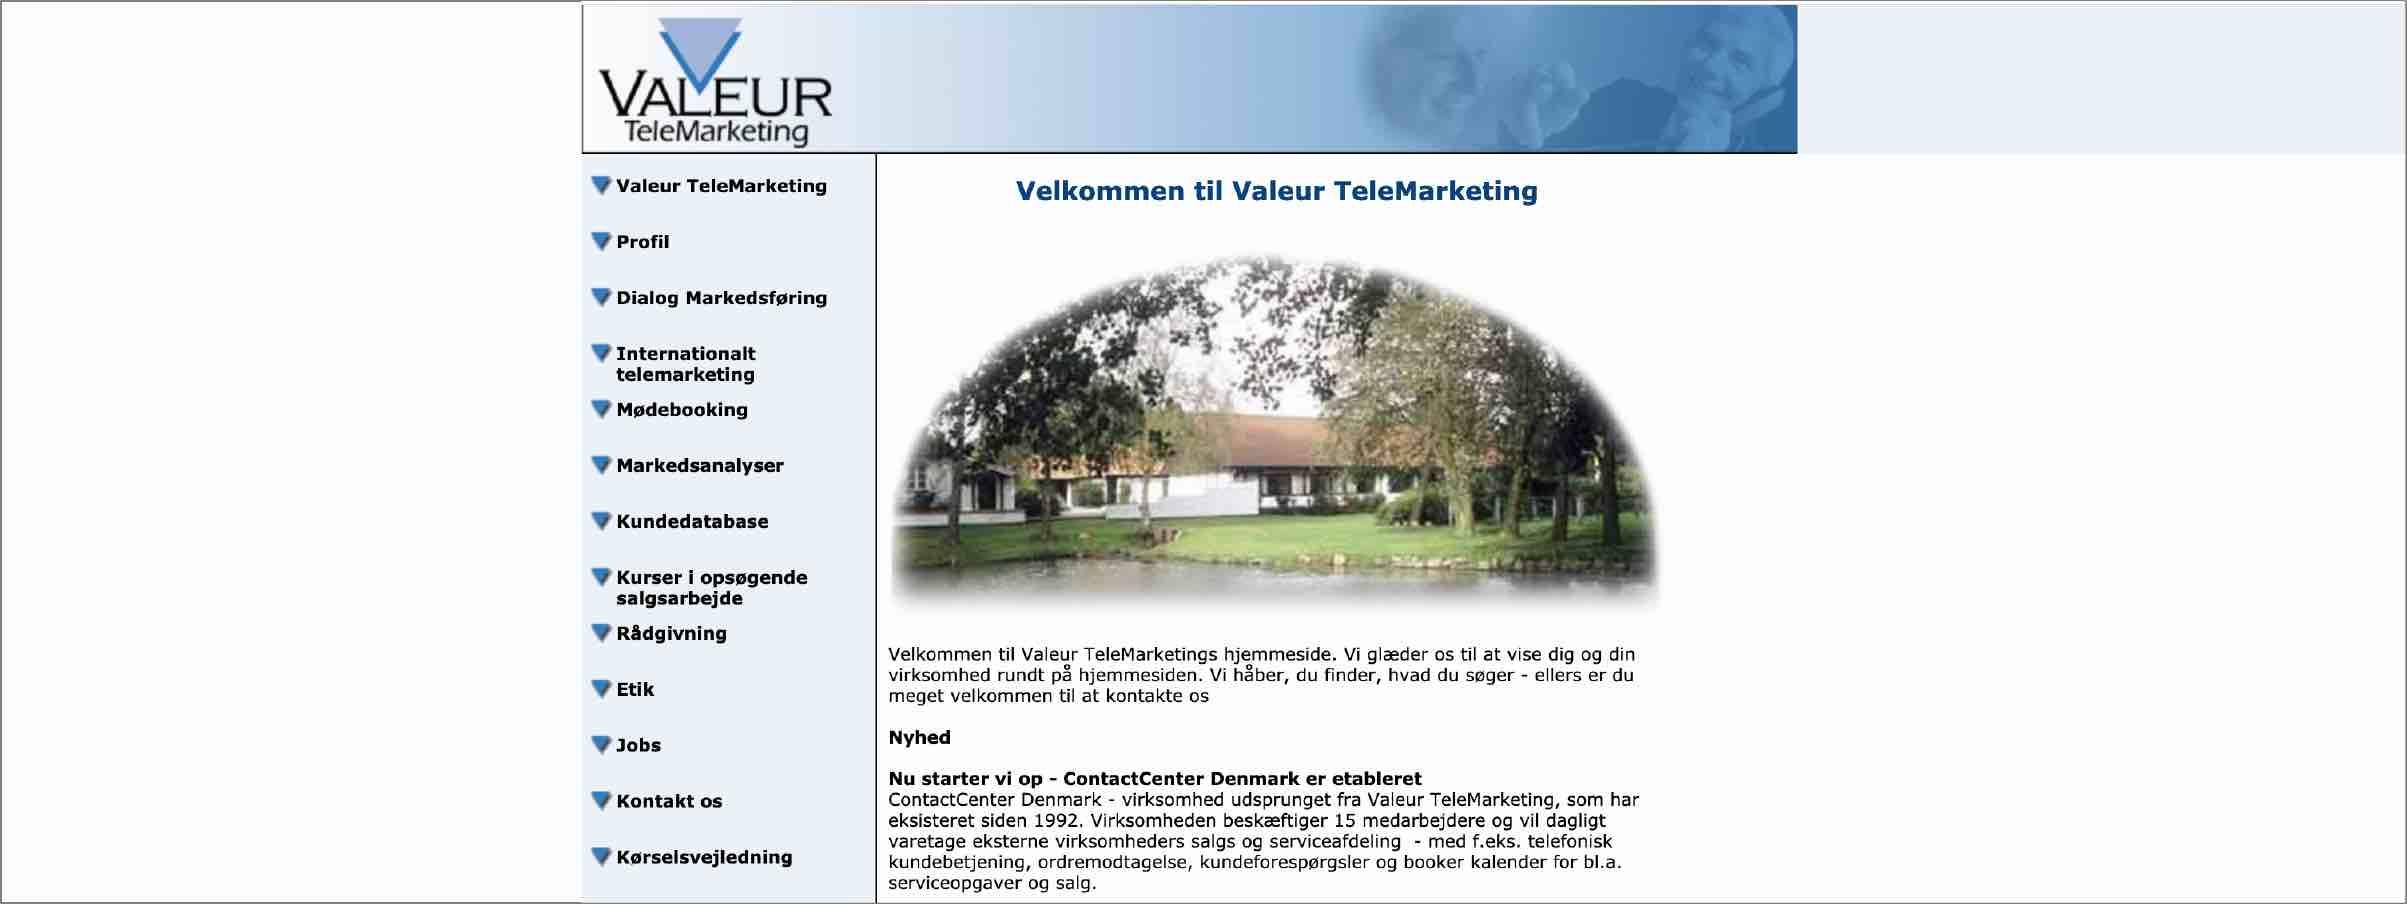 Valeurs hjemmeside fra 2003.